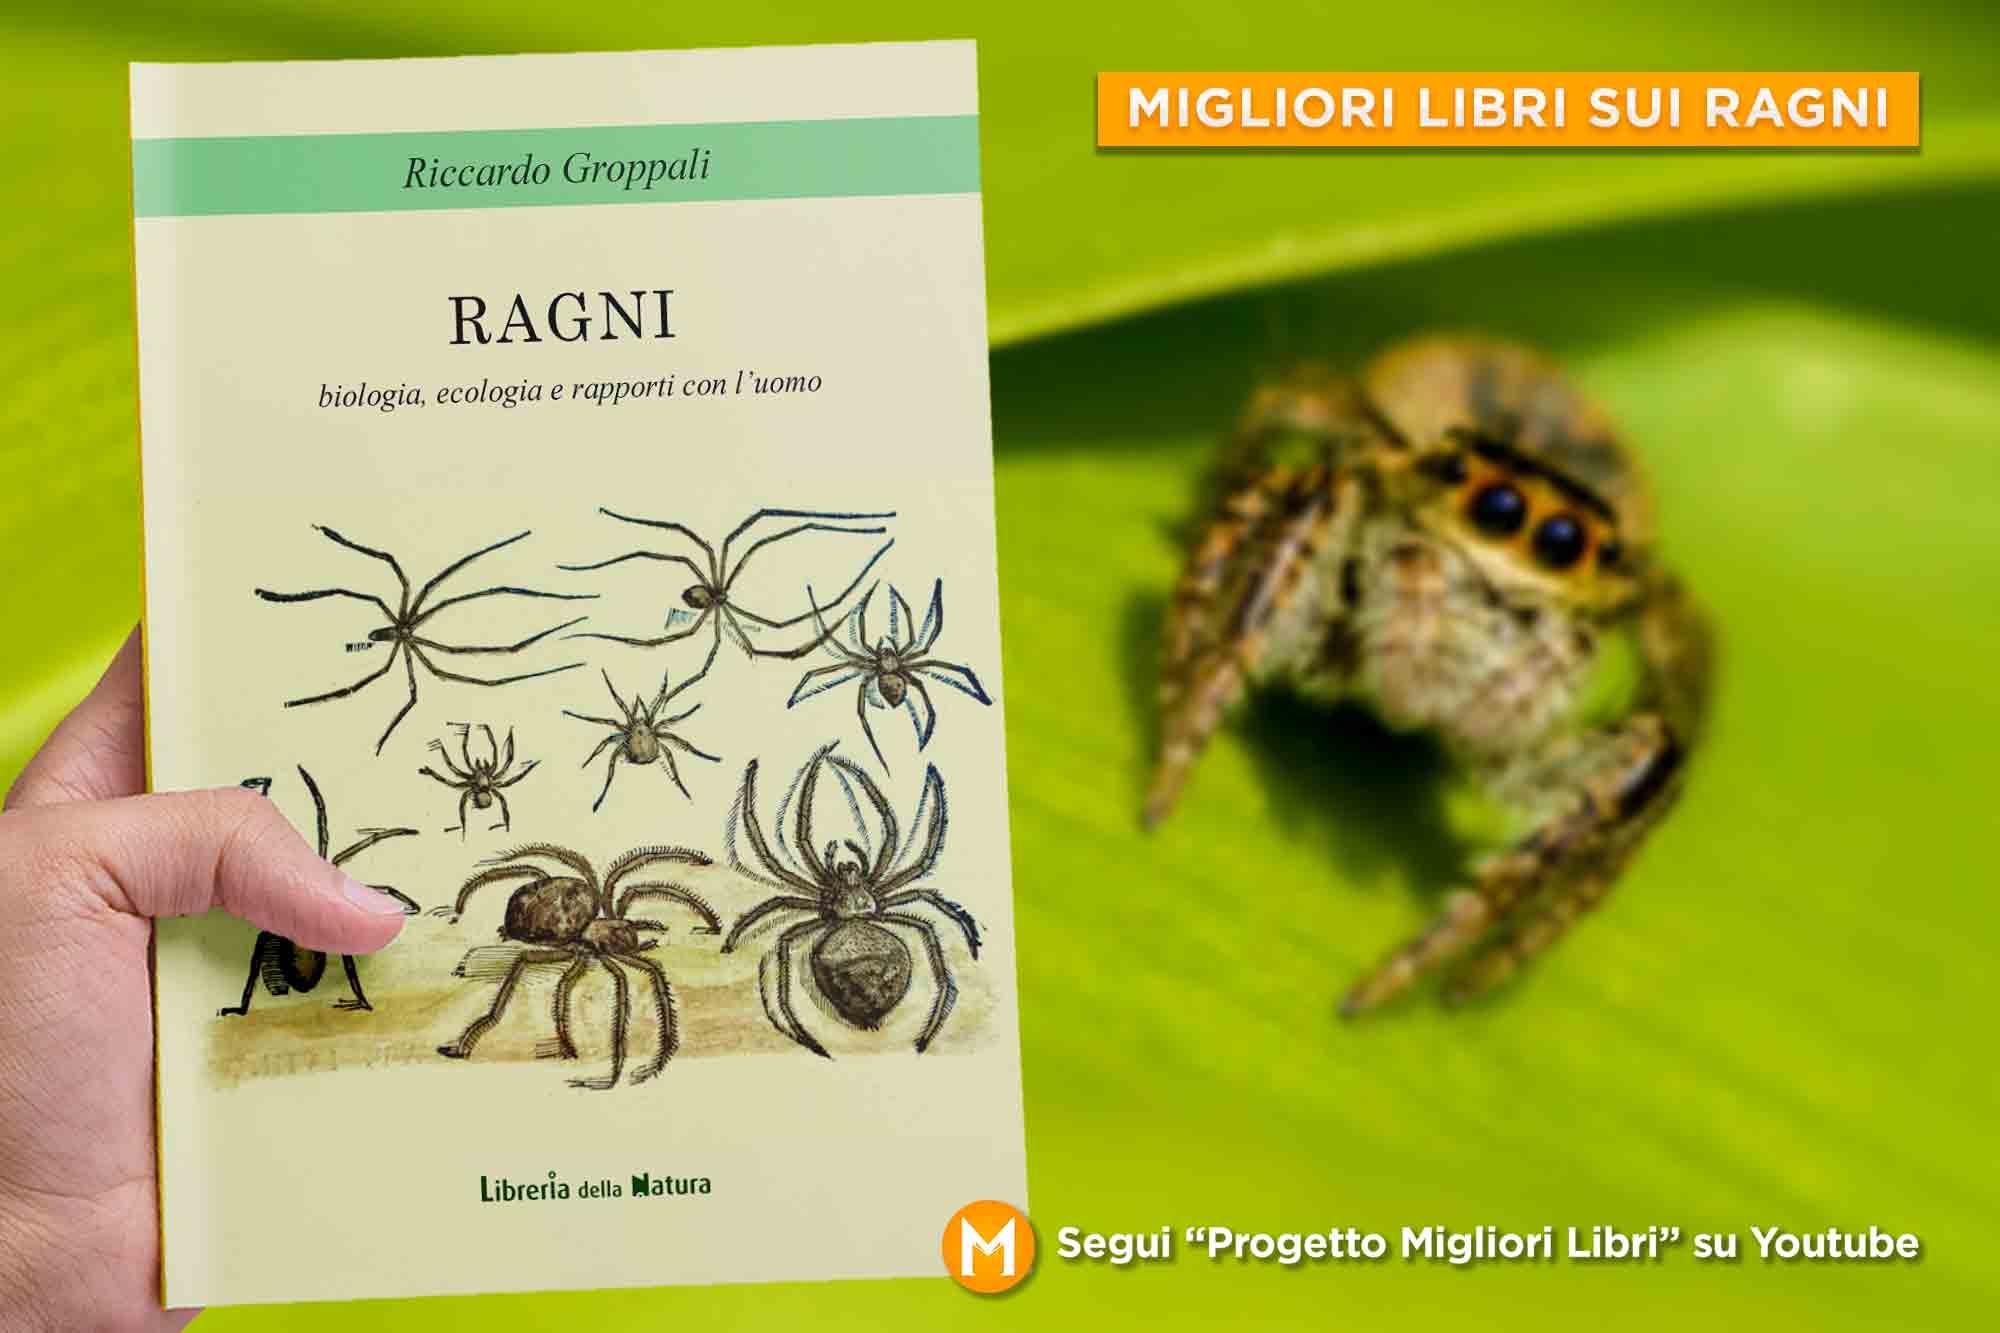 migliori-libri-sui-ragni